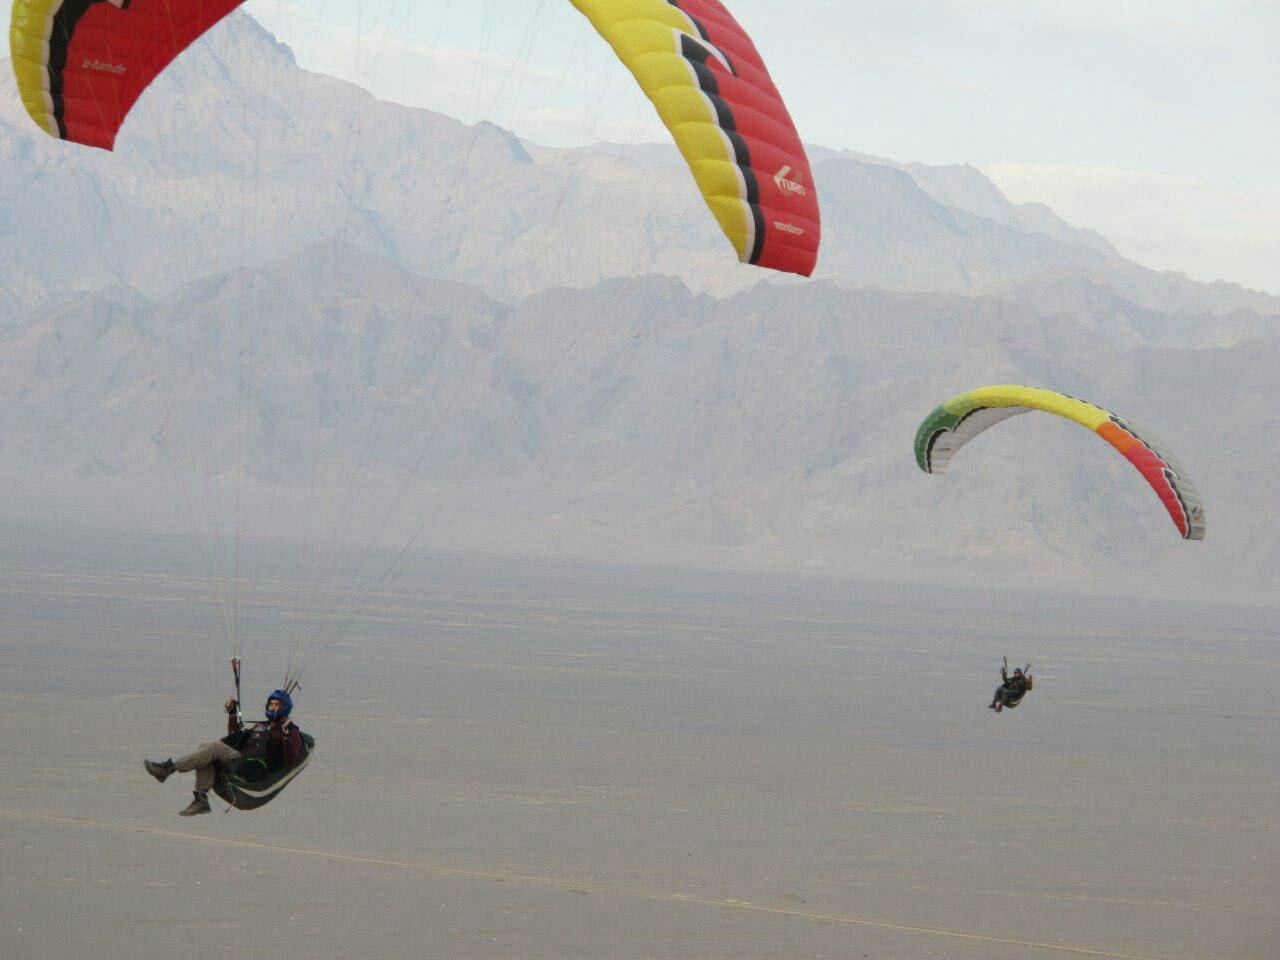 پرواز با پاراگلایدر در دیواره تپه اردشیر شهر یزد پاییز 95